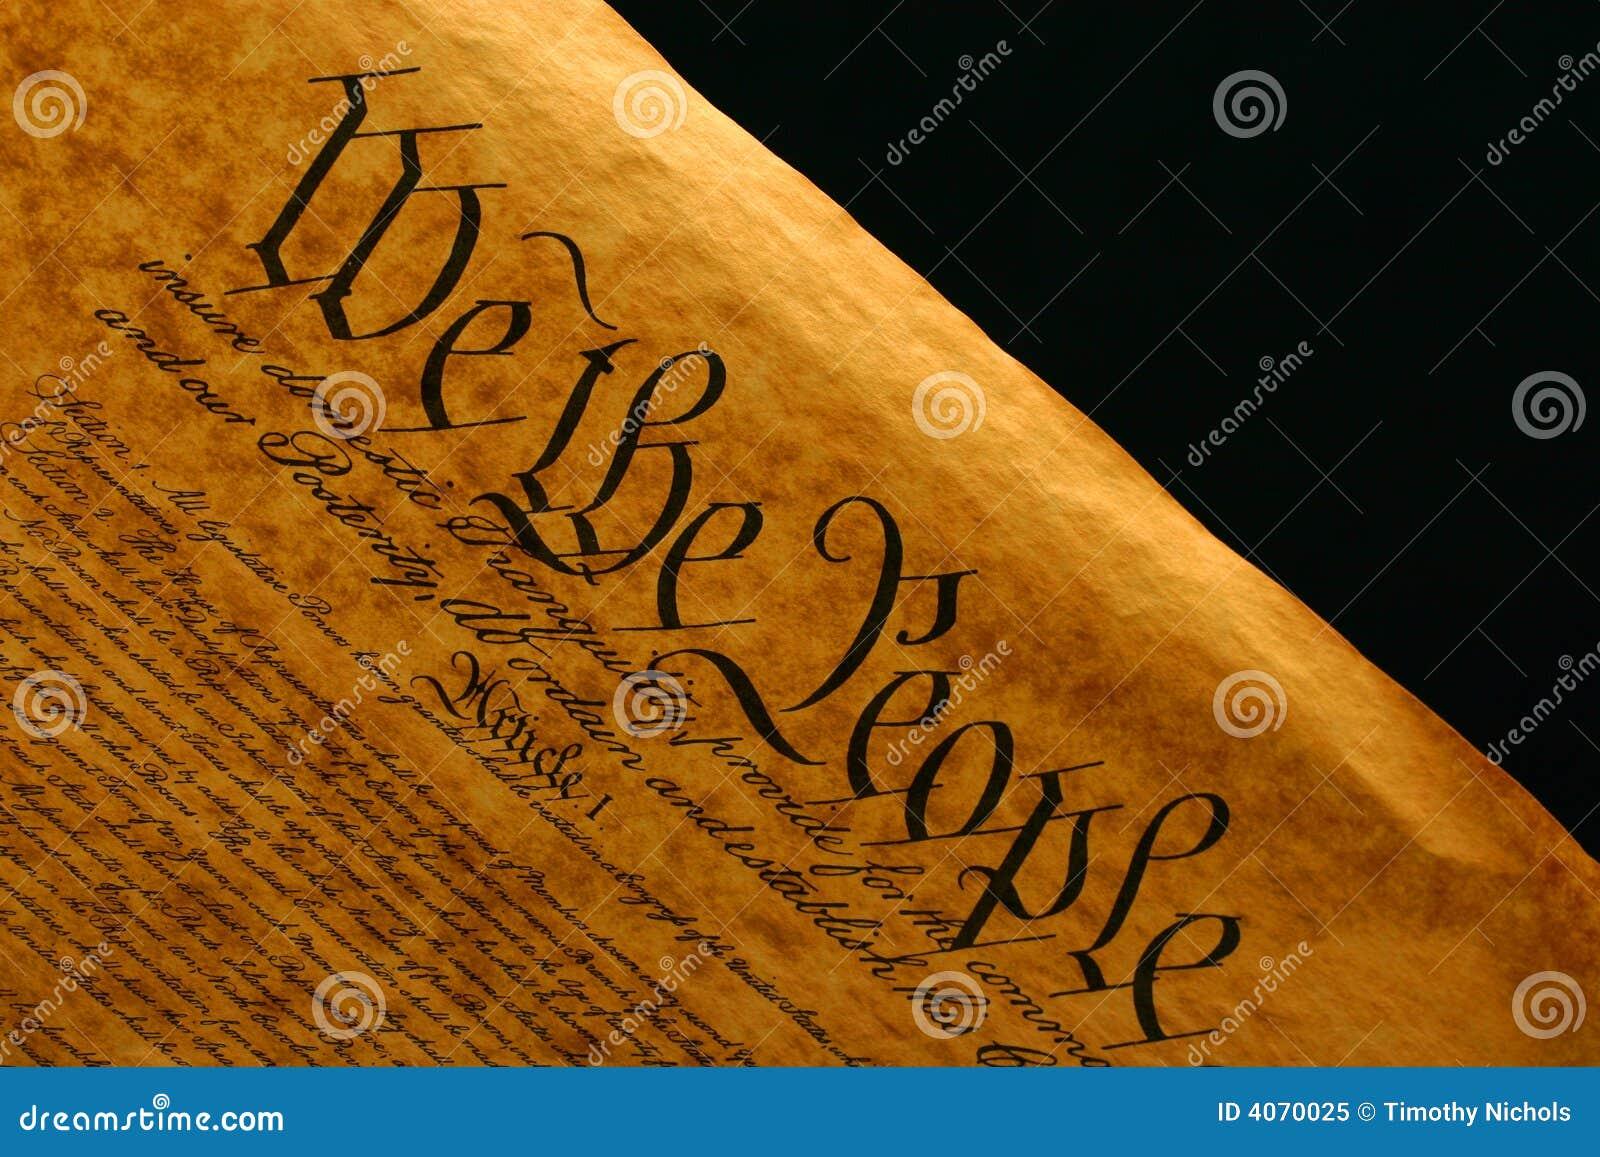 Grondwet II van Verenigde Staten